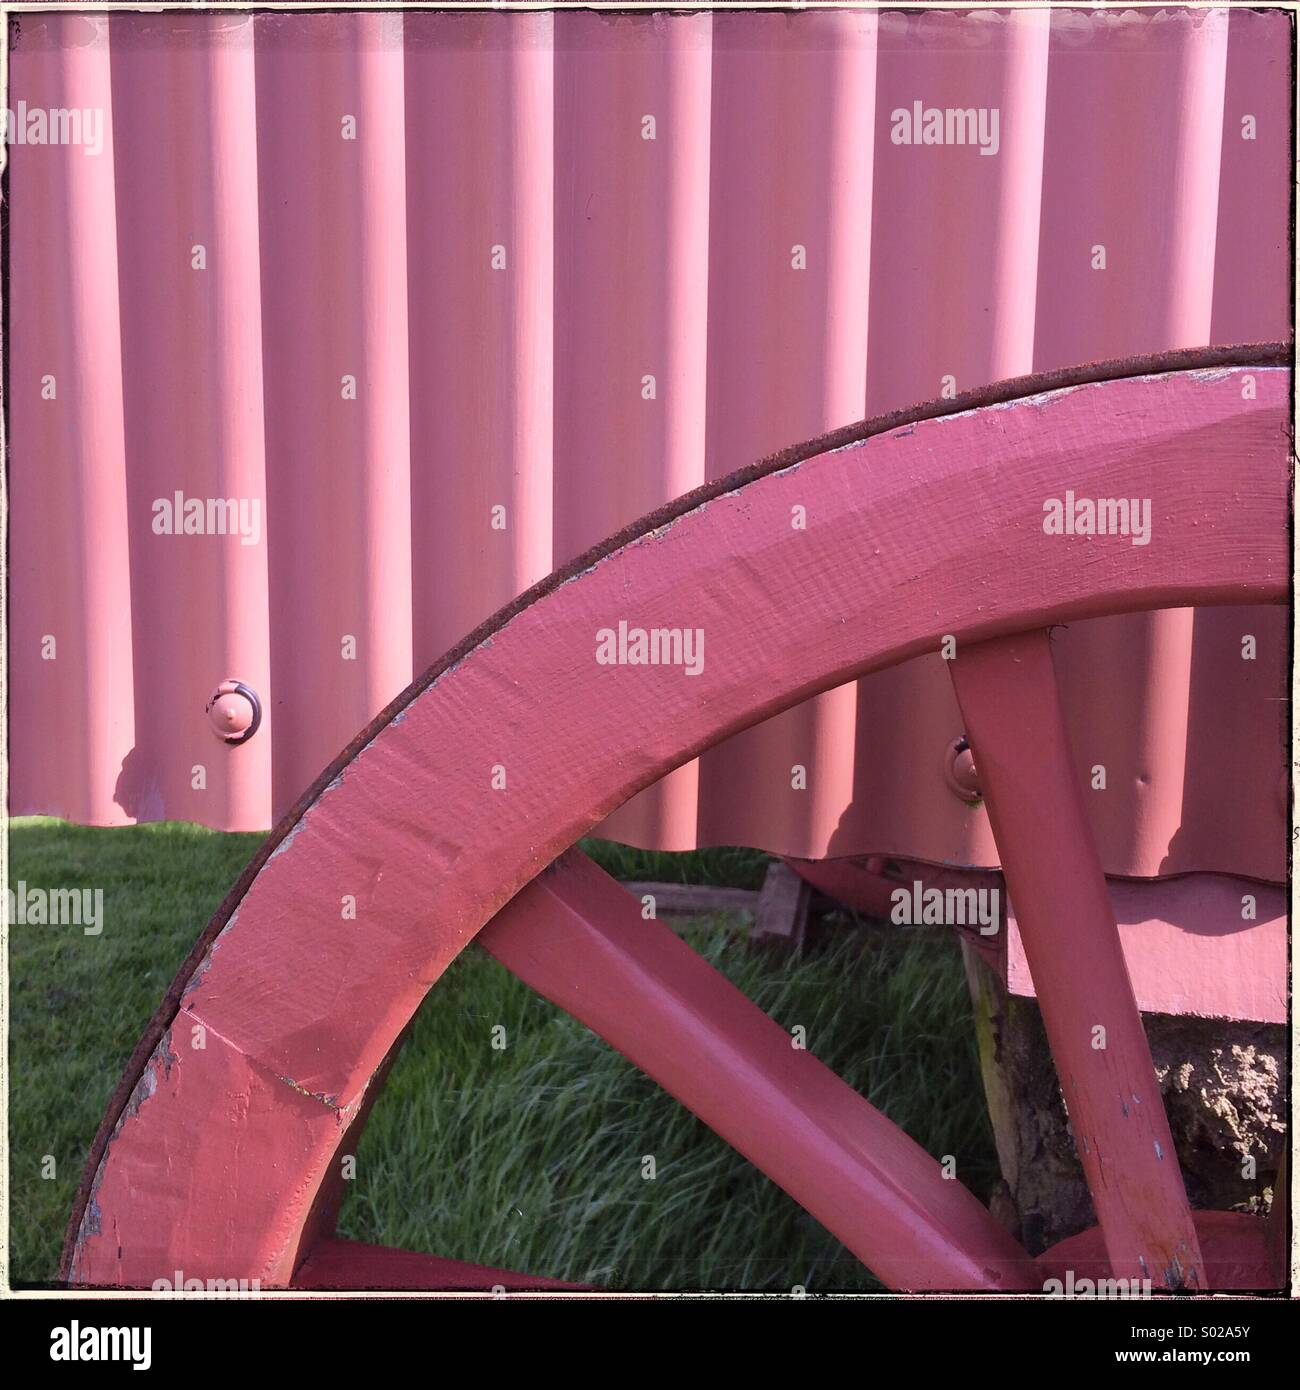 Teil einer Warenkorb-Rad und Abstellgleis in knalligem Pink lackiert Stockbild